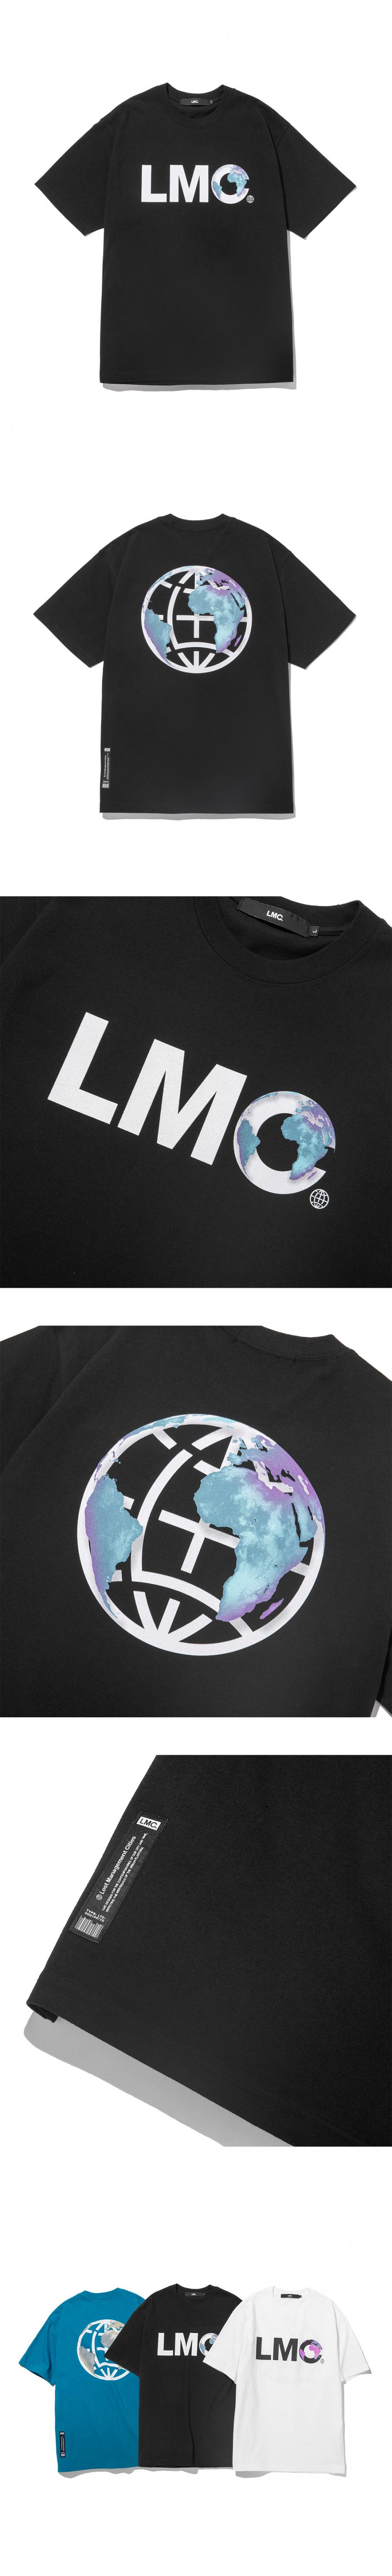 엘엠씨(LMC) LMC EARTH LOGO TEE black